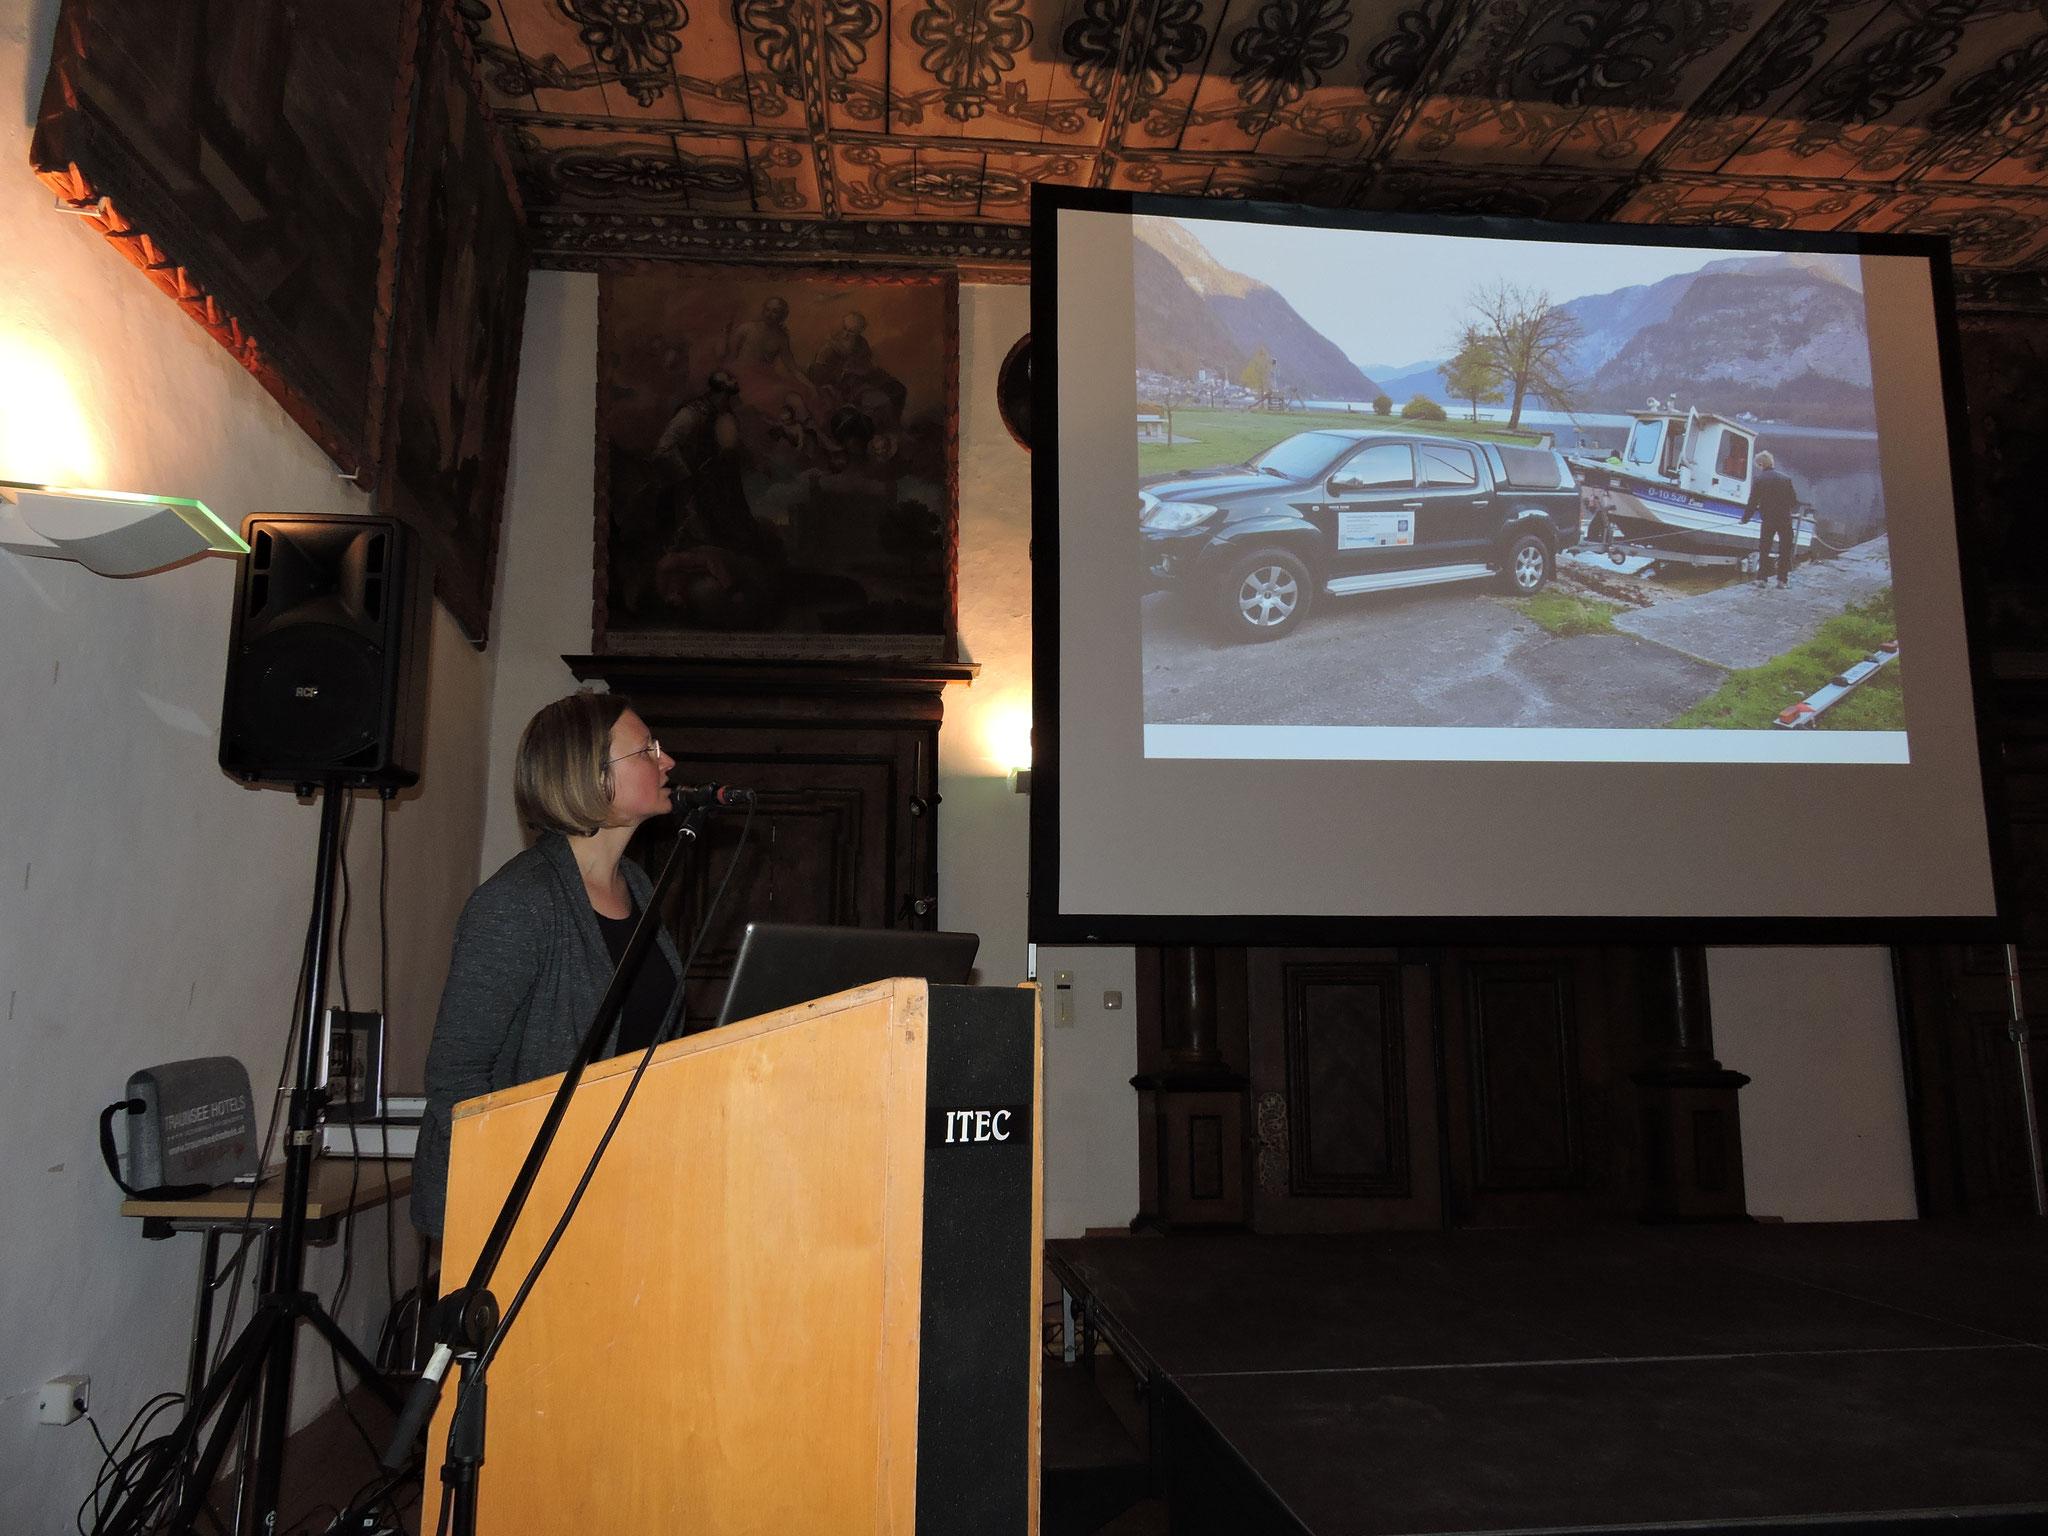 Auch über die Erforschung des Seebodens mittels Bohrungen und Ultraschallscan wurde berichtet       ©B. Bichler